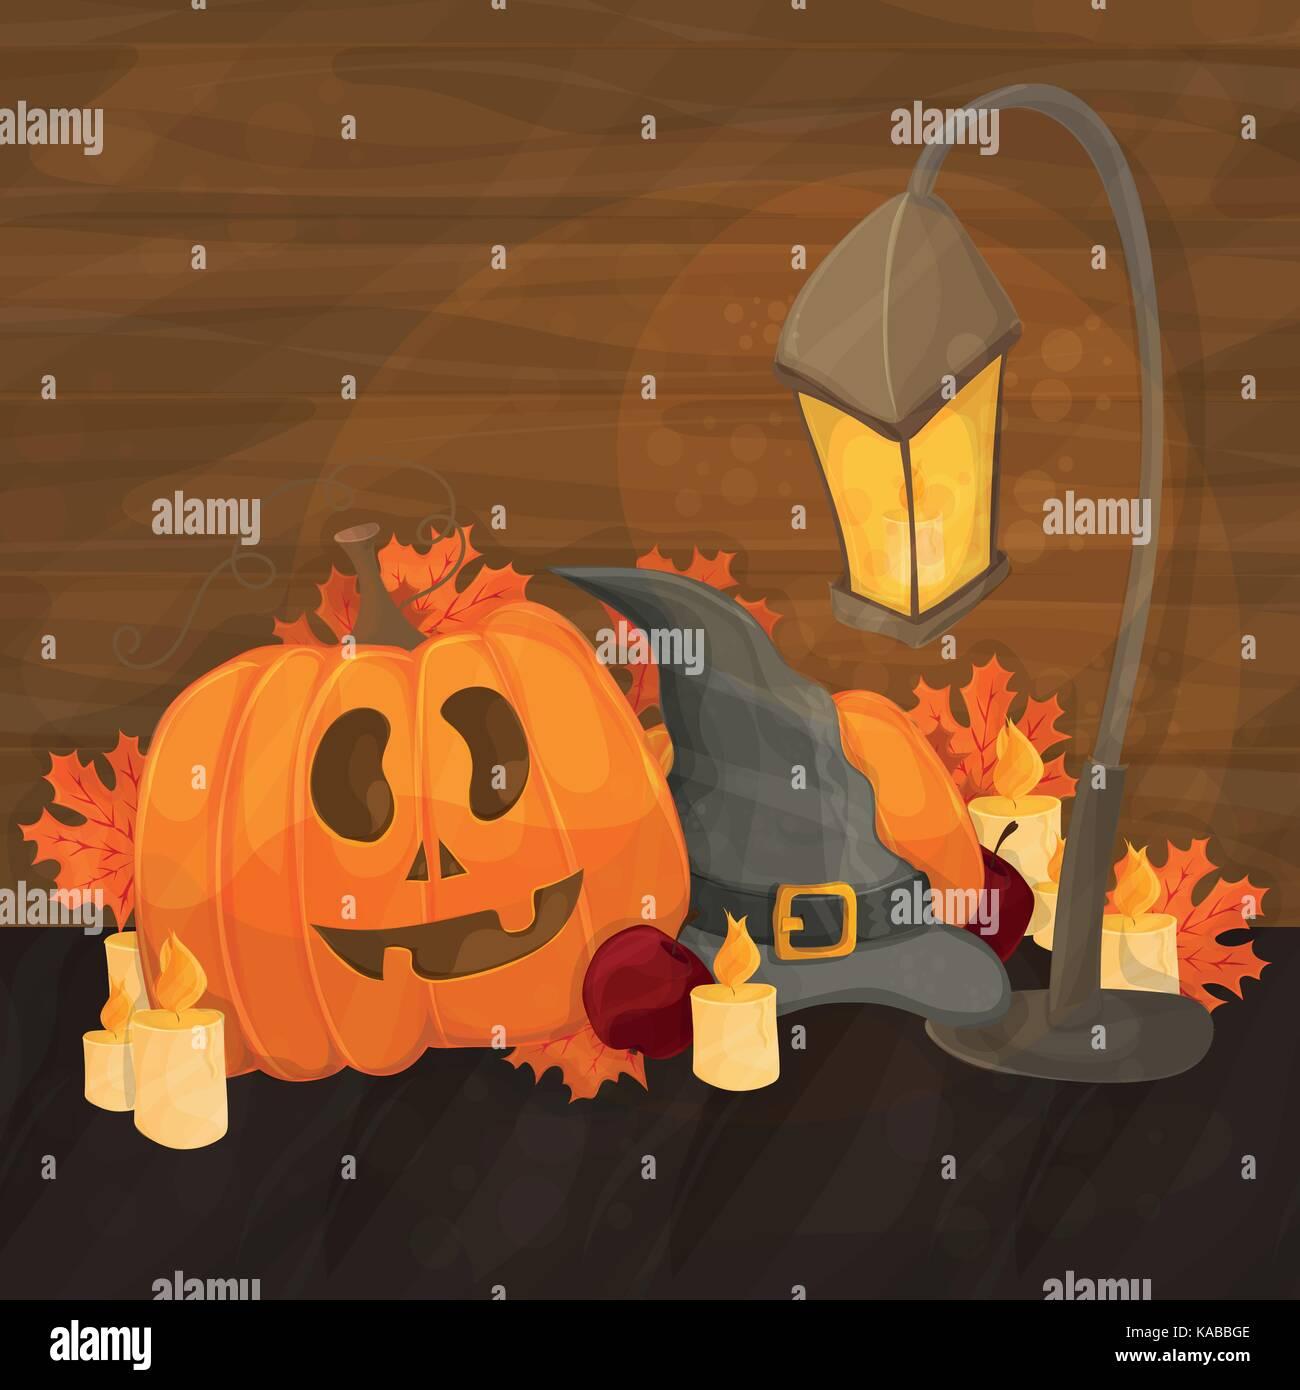 ed15c131eaed6 Ilustración de dibujos animados para halloween - sombrero